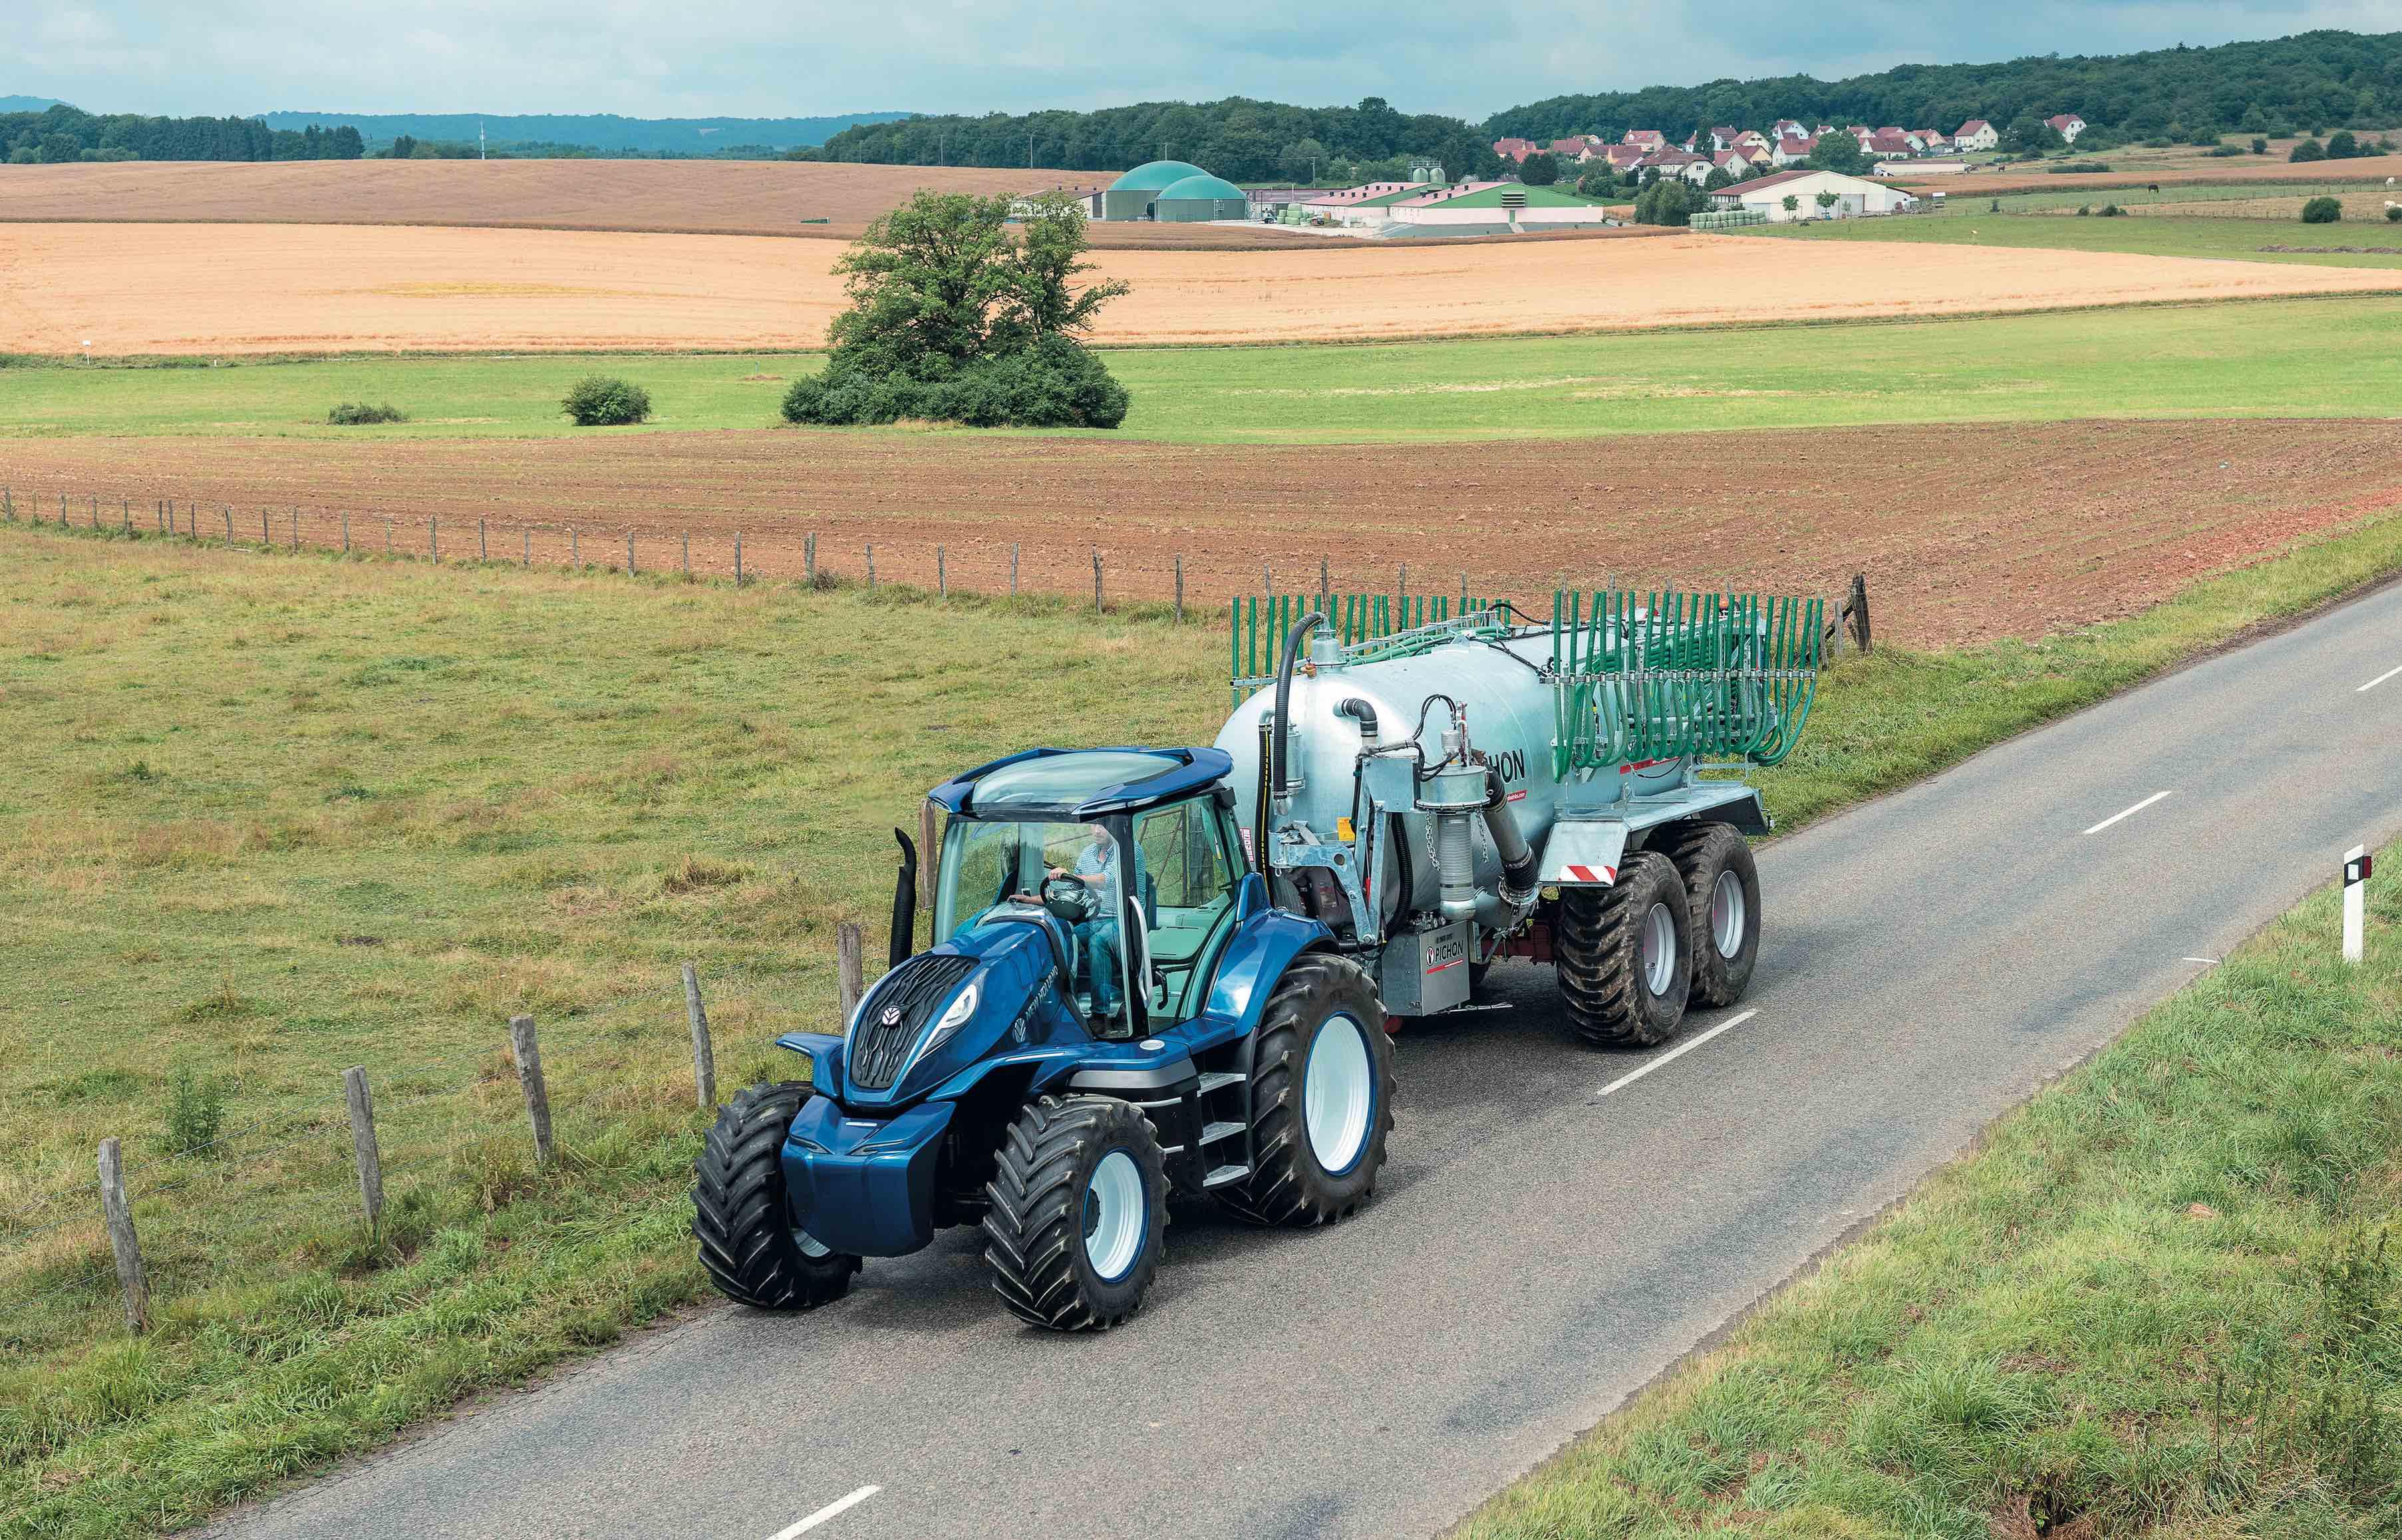 Biometano, accordo di filiera tra settore agricolo e industriale